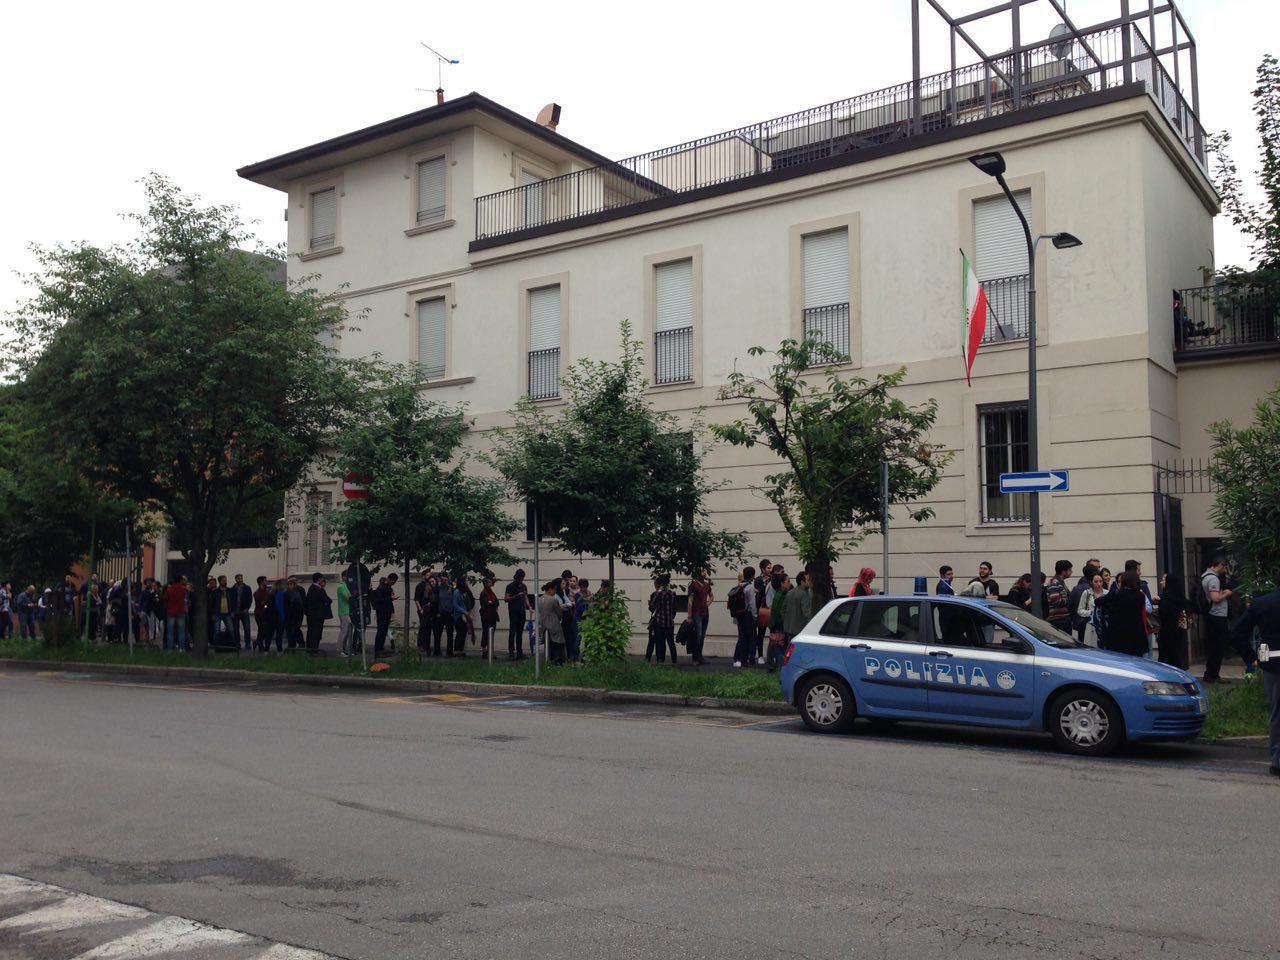 گزارشی از برگزاری انتخابات در خارج از کشور+ تصاویر